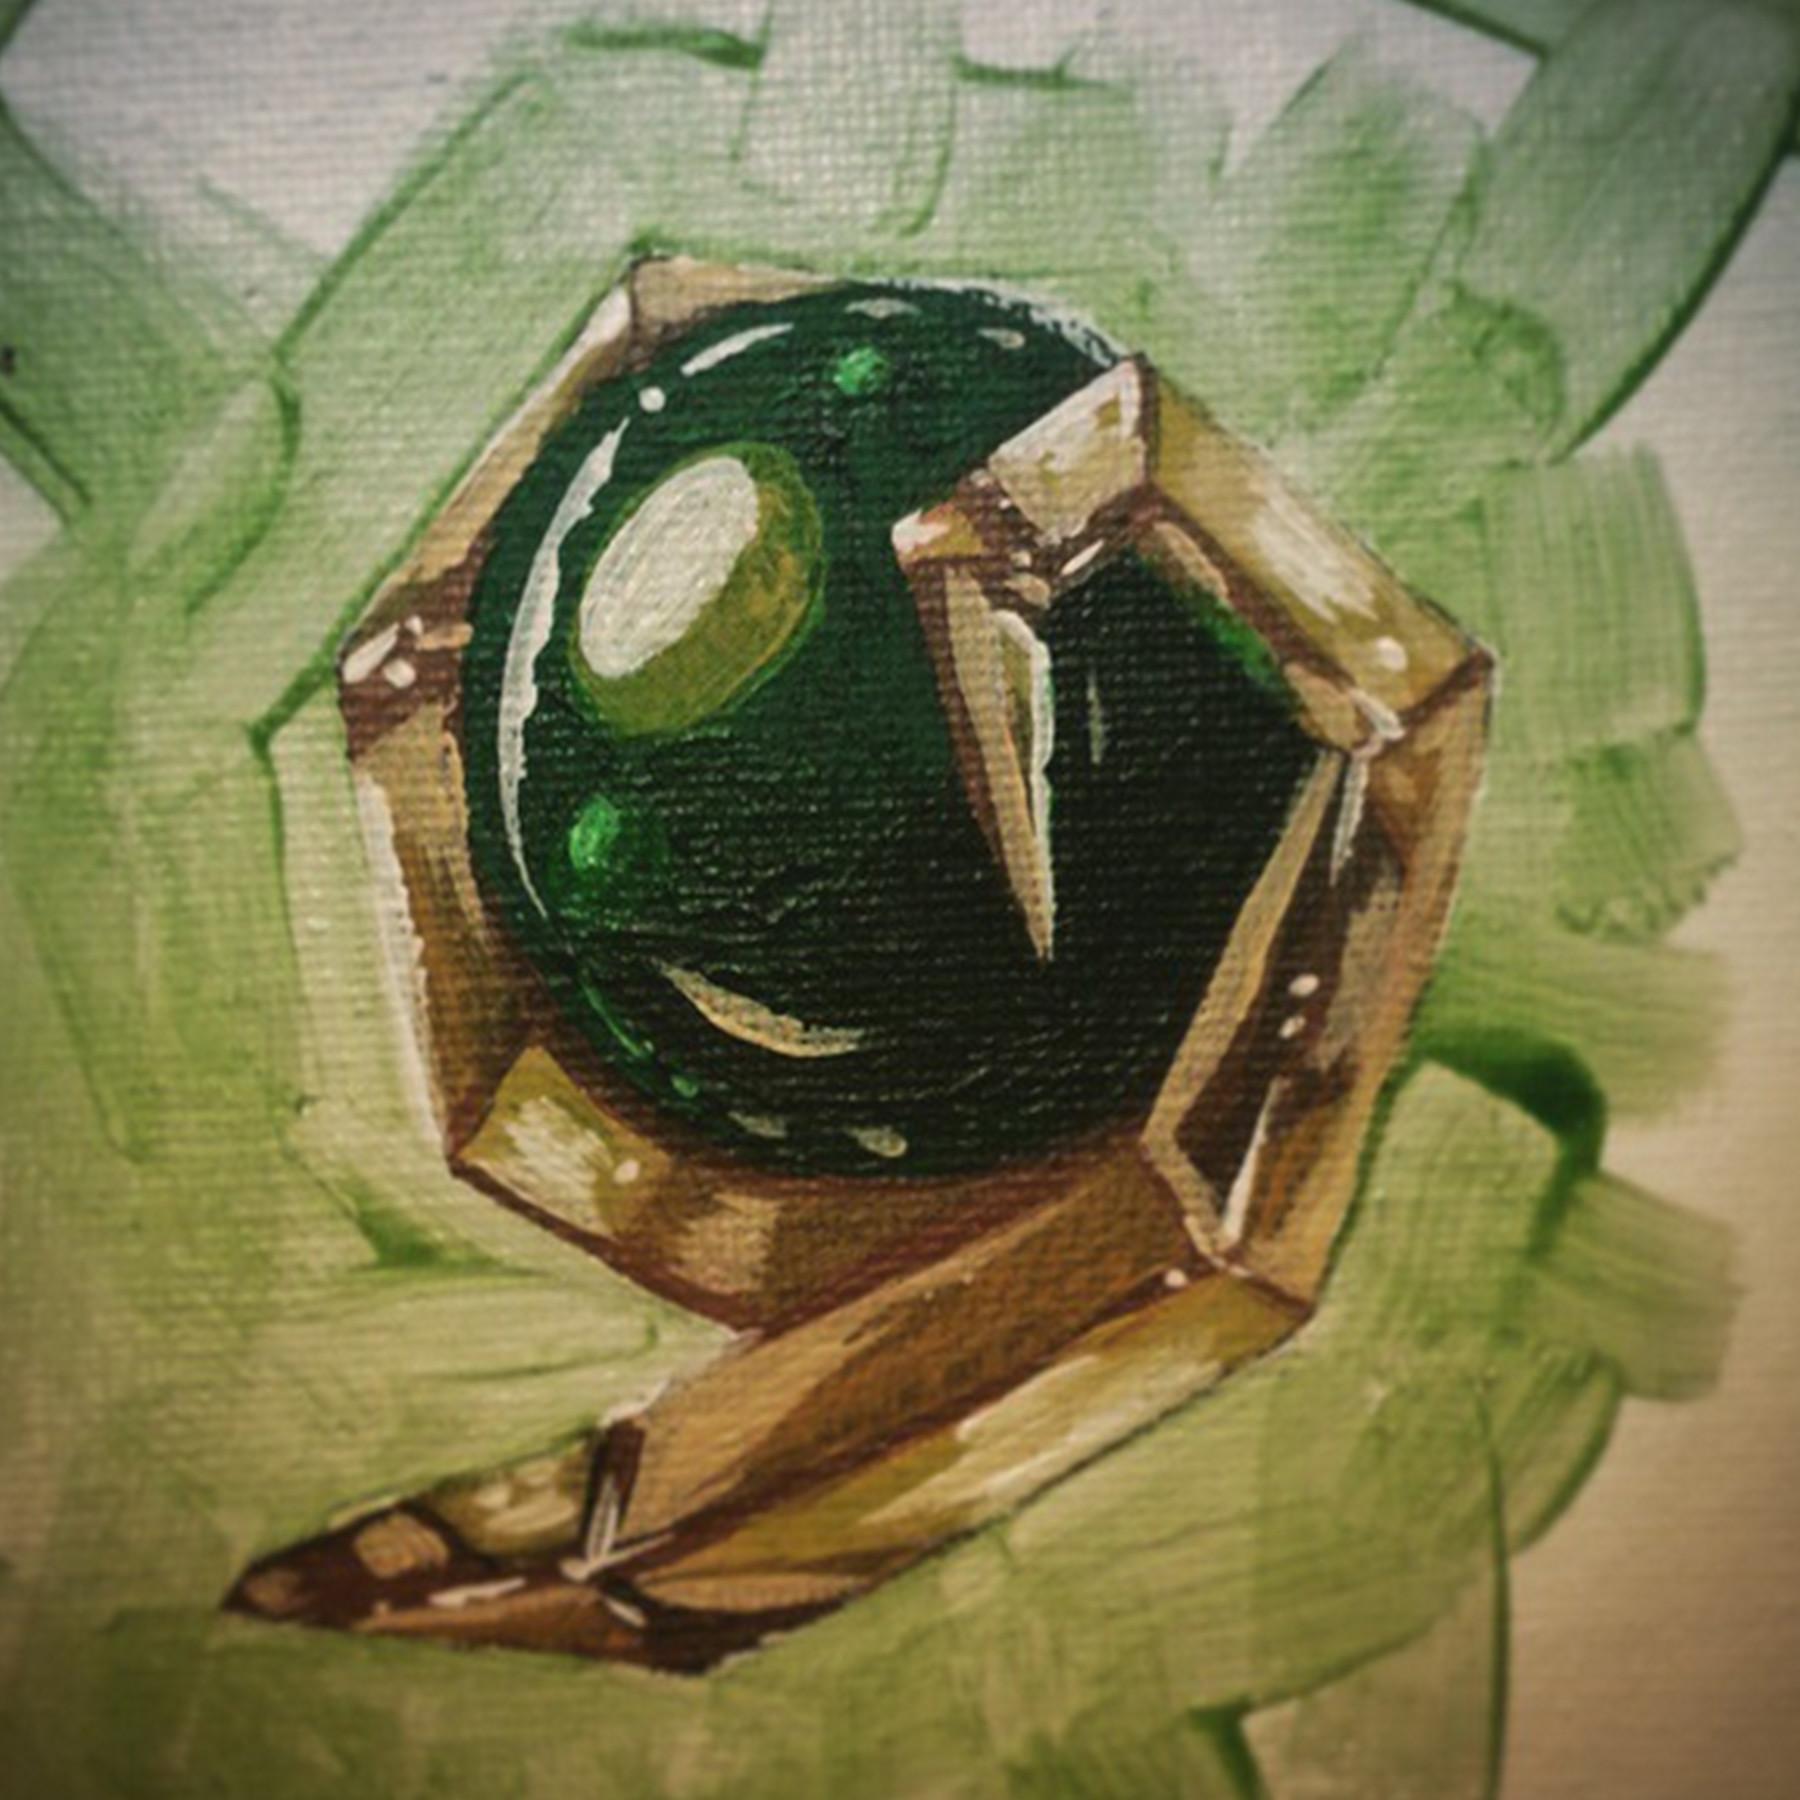 Ken kokoszka 001 emerald